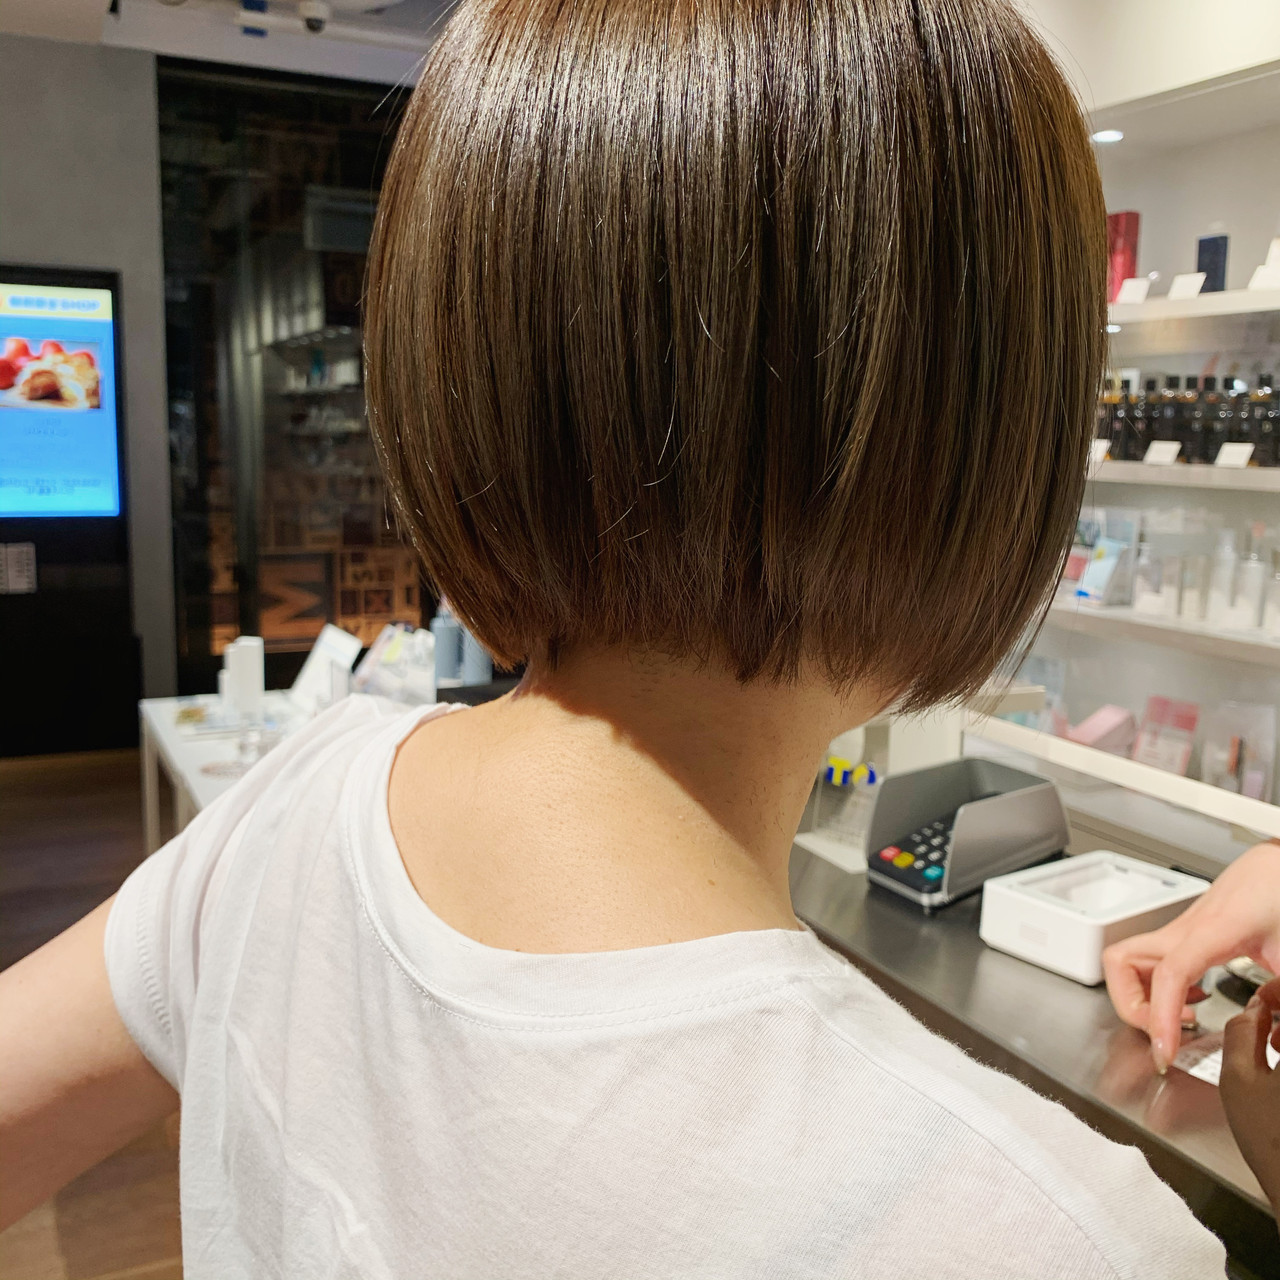 ミニボブ 暗髪 外国人風カラー 切りっぱなしボブヘアスタイルや髪型の写真・画像